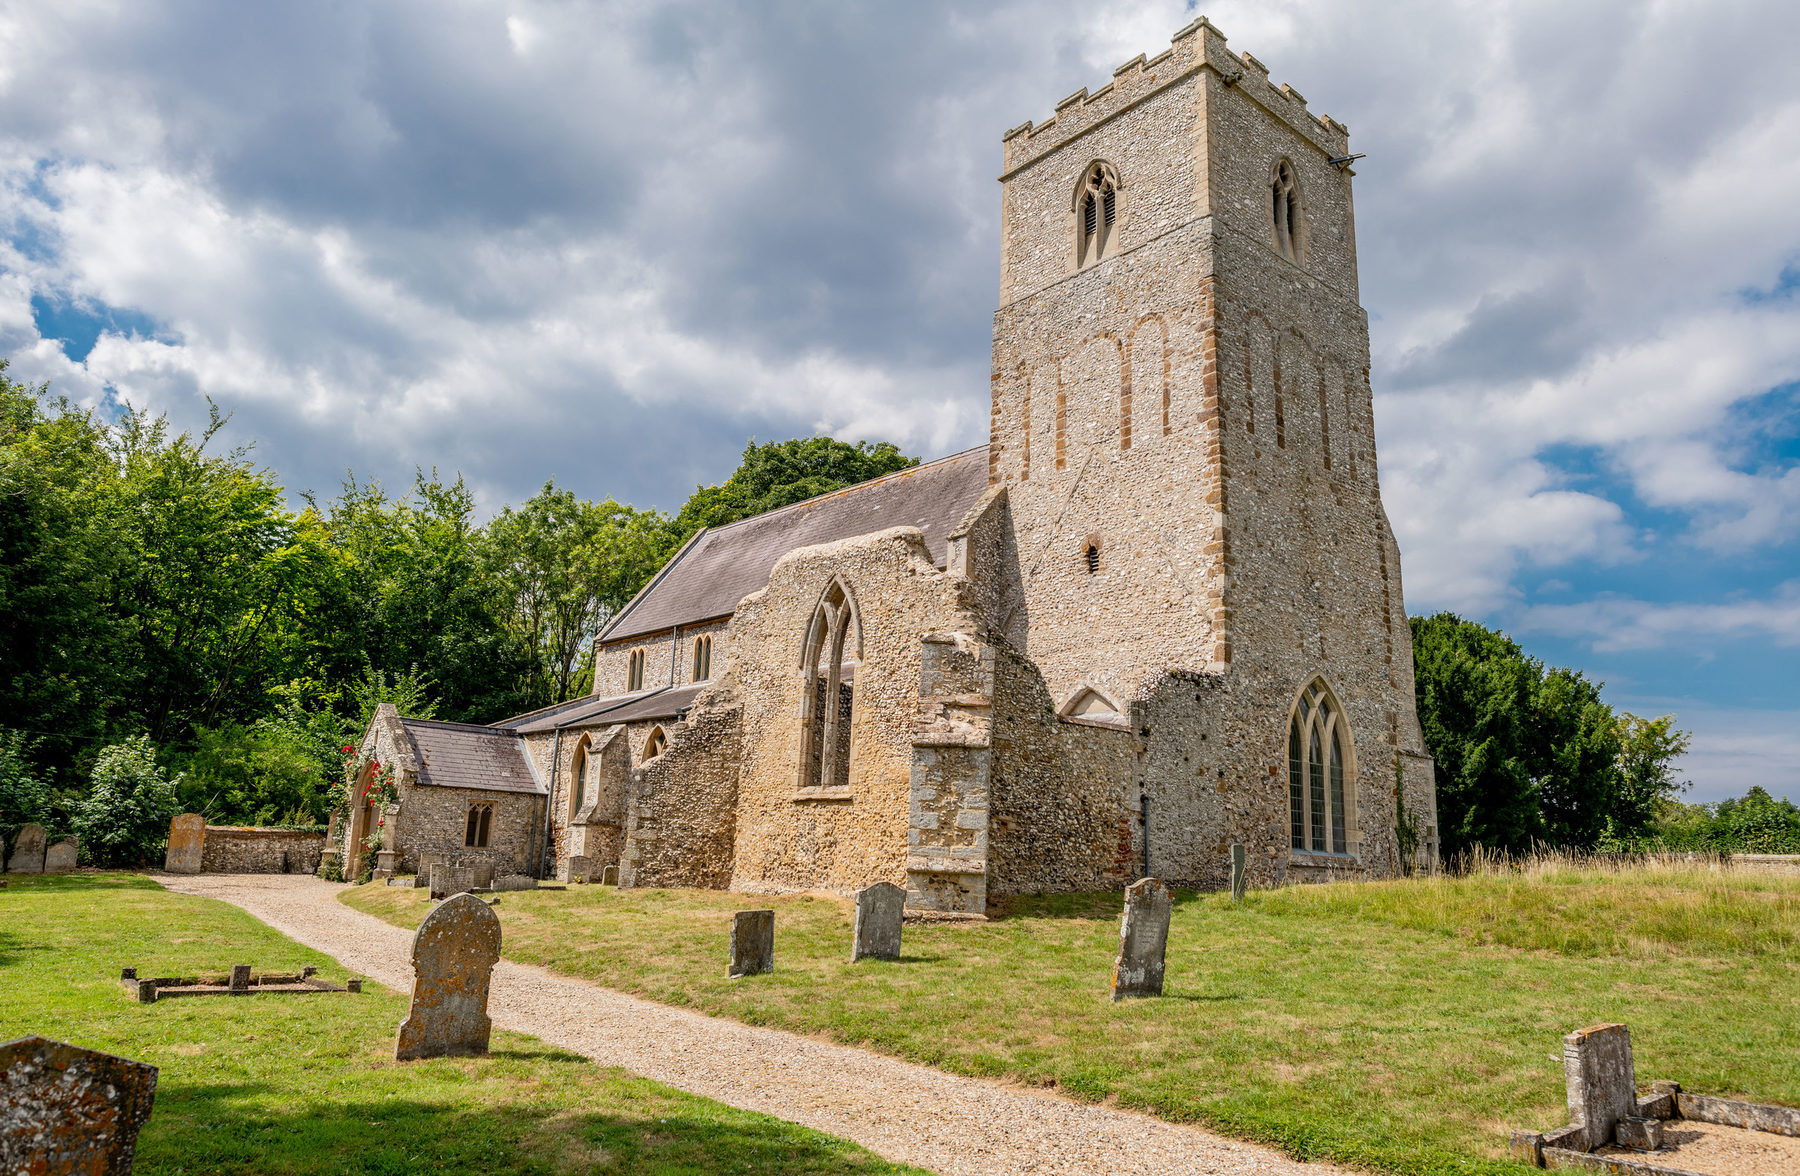 005 Flitcham Church 2018